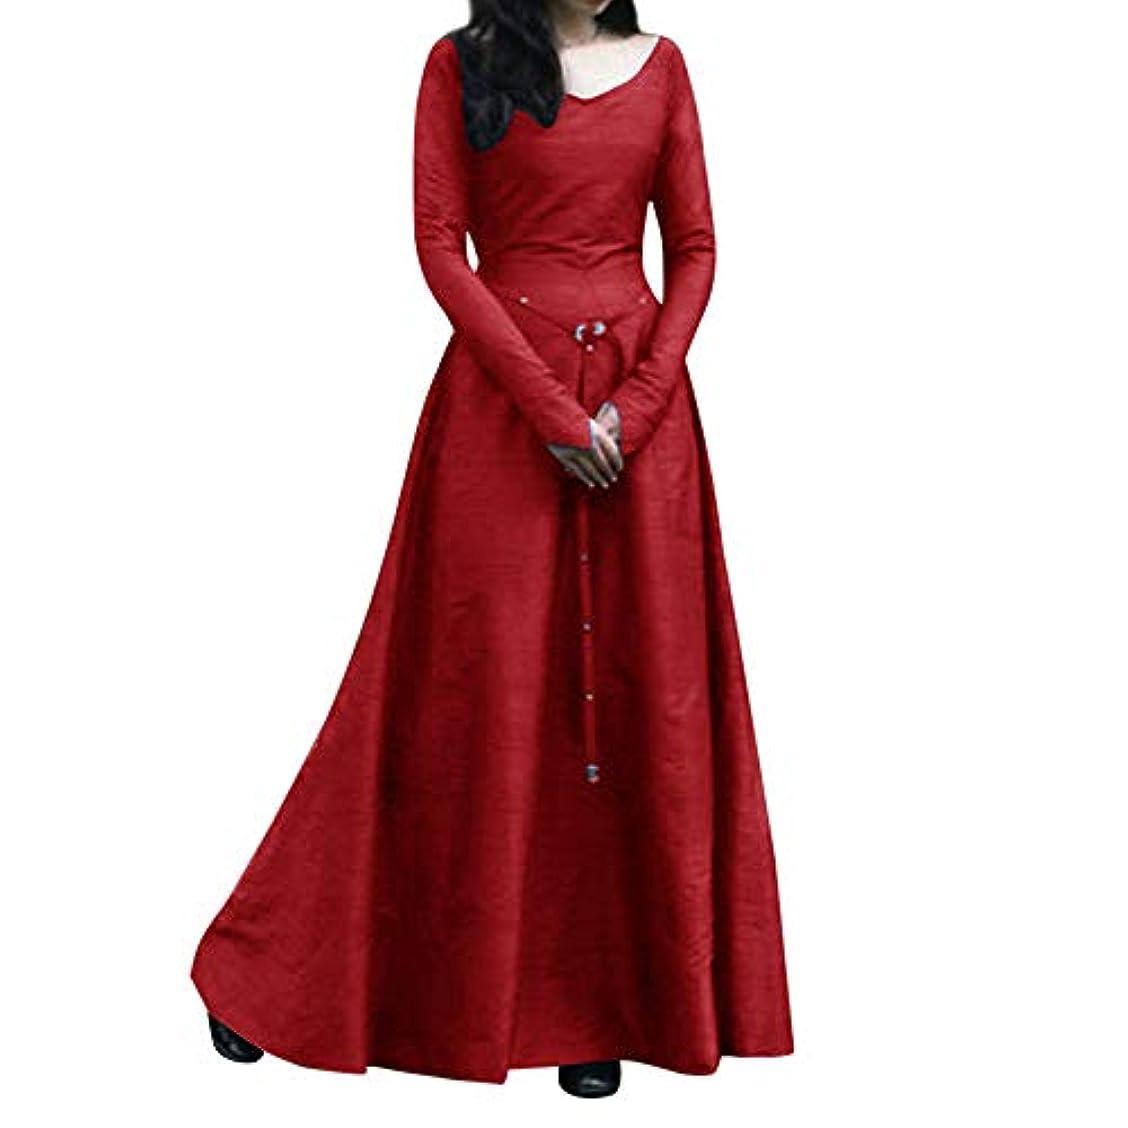 抽象化一部不正貴族 ドレス お姫様 カラードレス Huliyun 王族服 豪華なドレス ウェディング ドレス プリンセスライン オペラ声楽 中世貴族風 演奏会ドレス ステージドレス ブ シンデレラドレス コスチューム